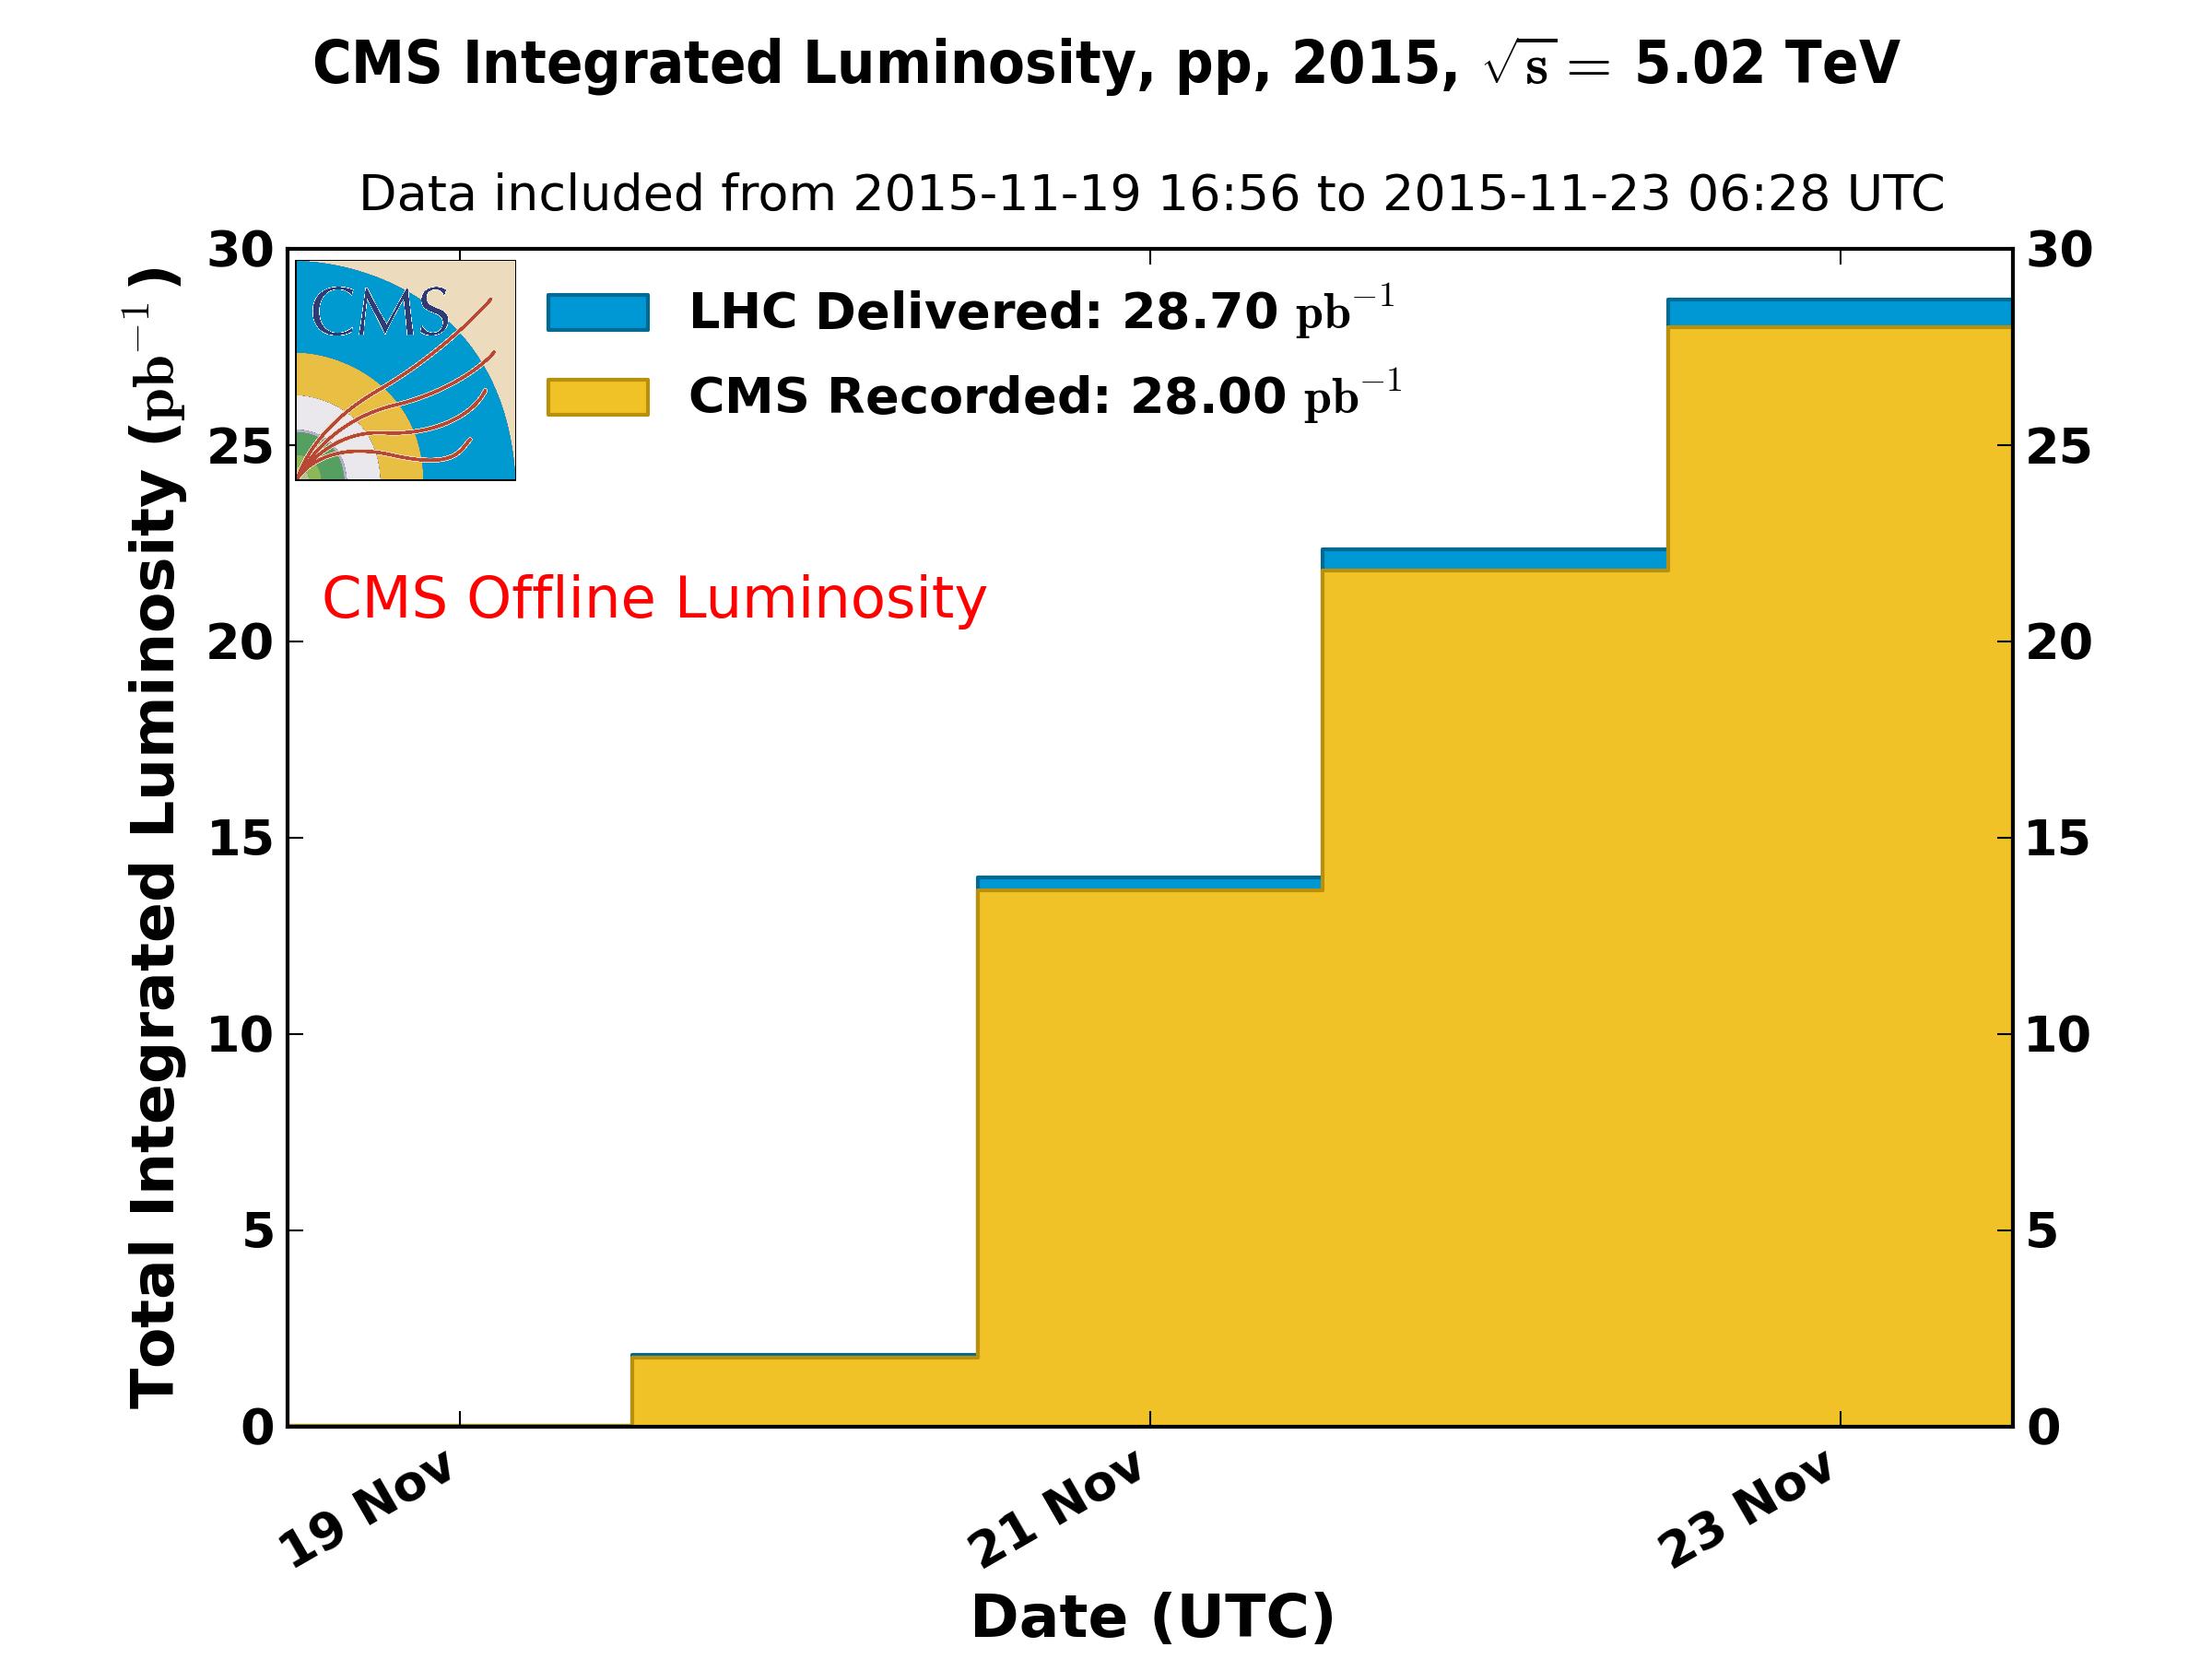 https://cern.ch/cmslumi/publicplots/int_lumi_per_day_cumulative_pp_2015_rr.png